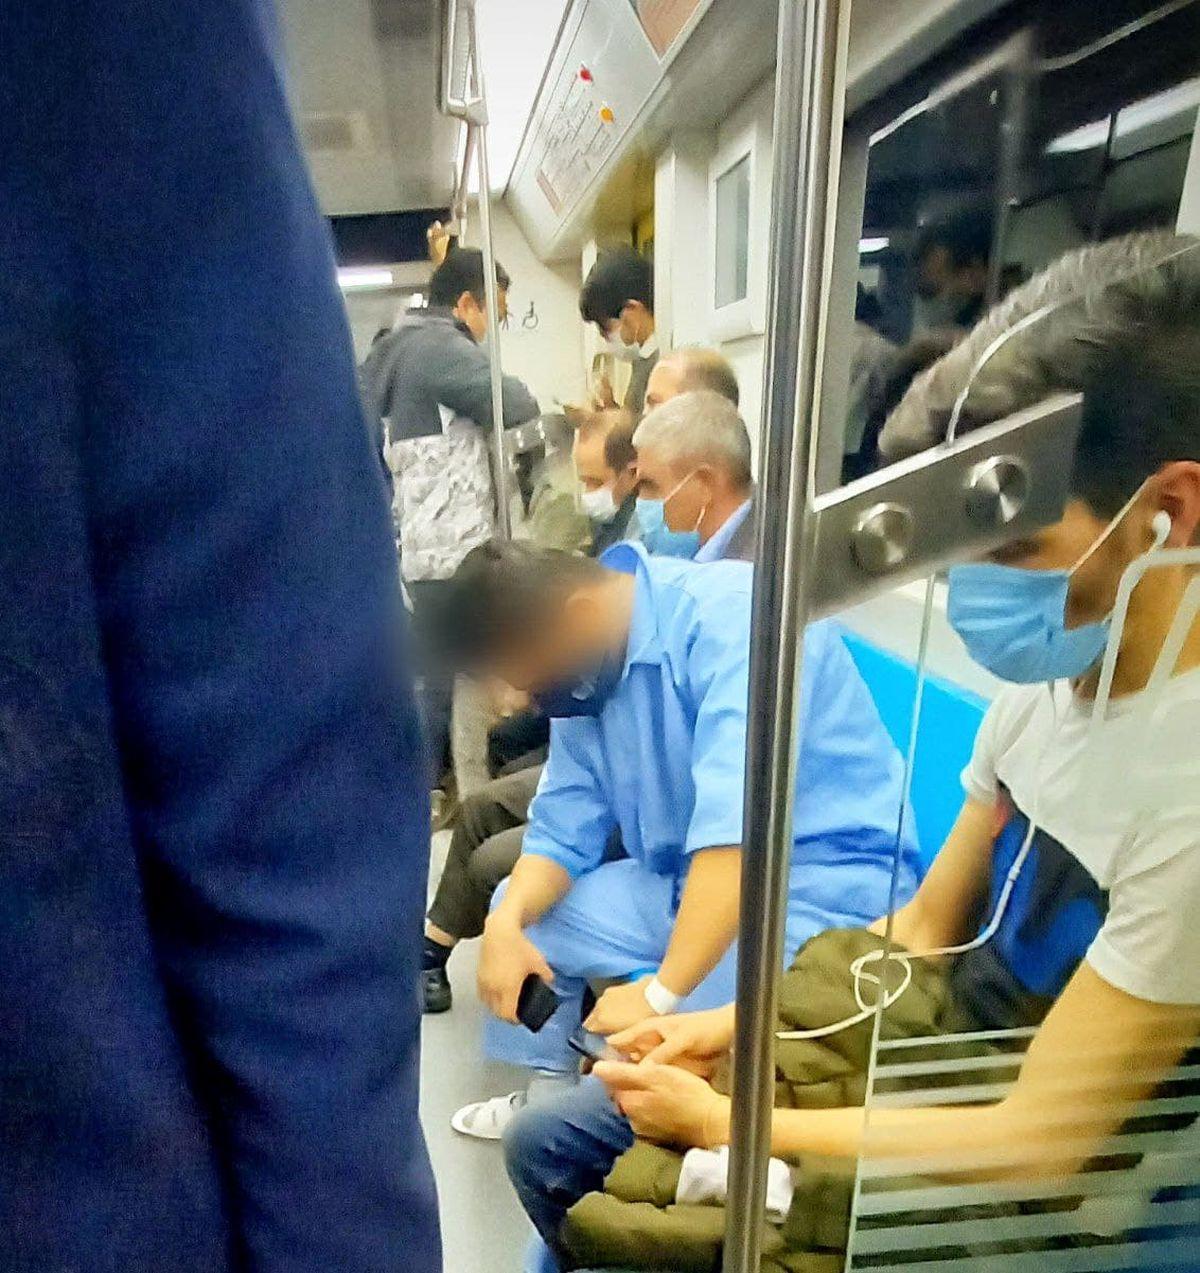 تصویر عجیب در مترو تهران خبرساز شد!